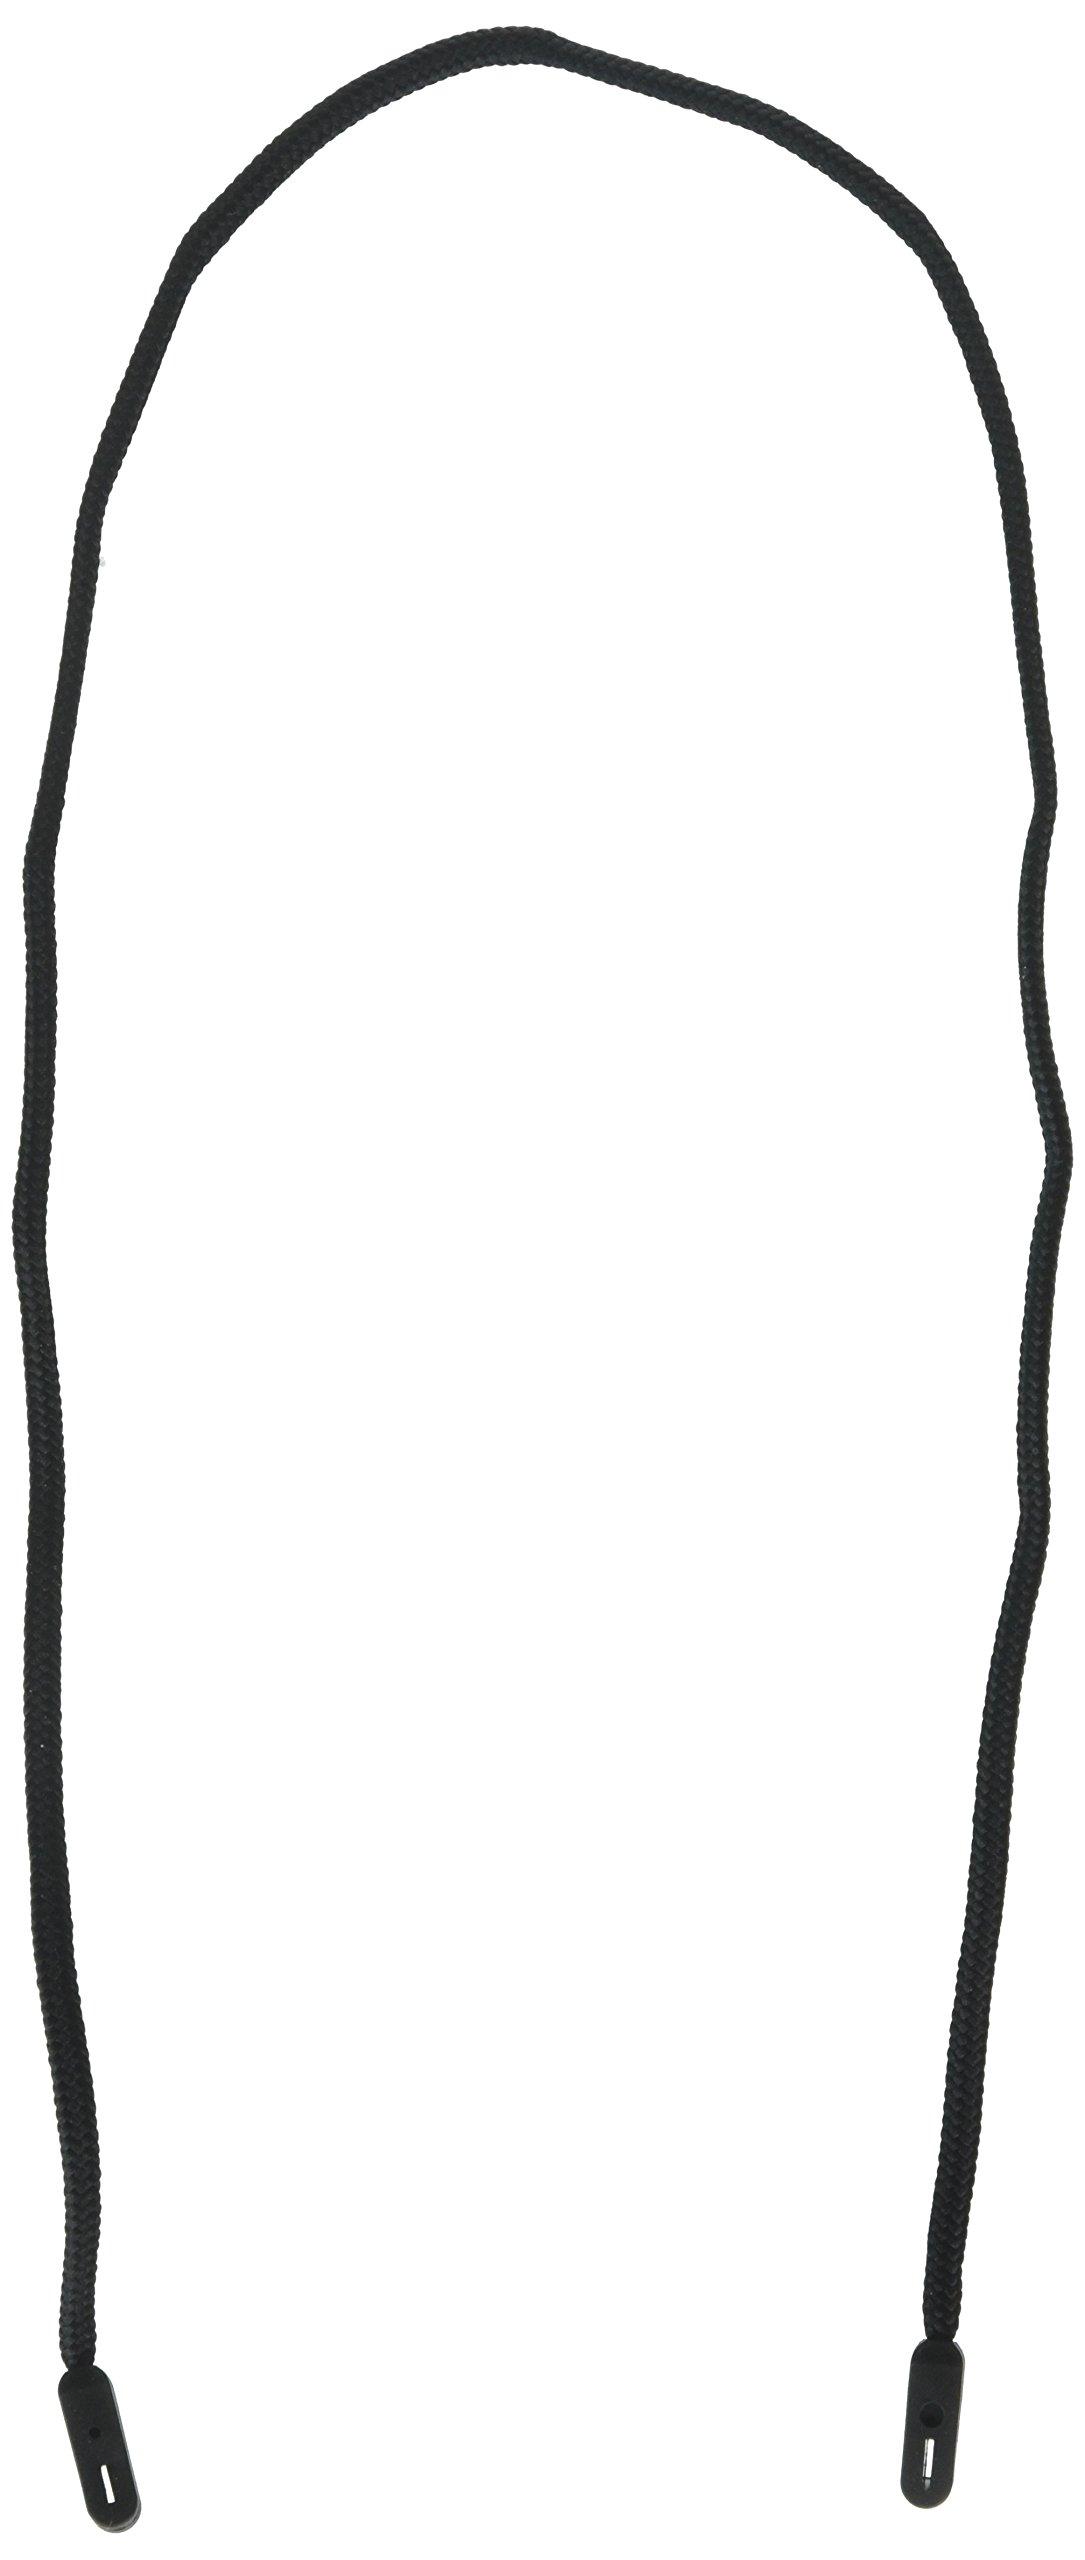 Gorilla Grips Eyewear Holder by Hilco x1 cord